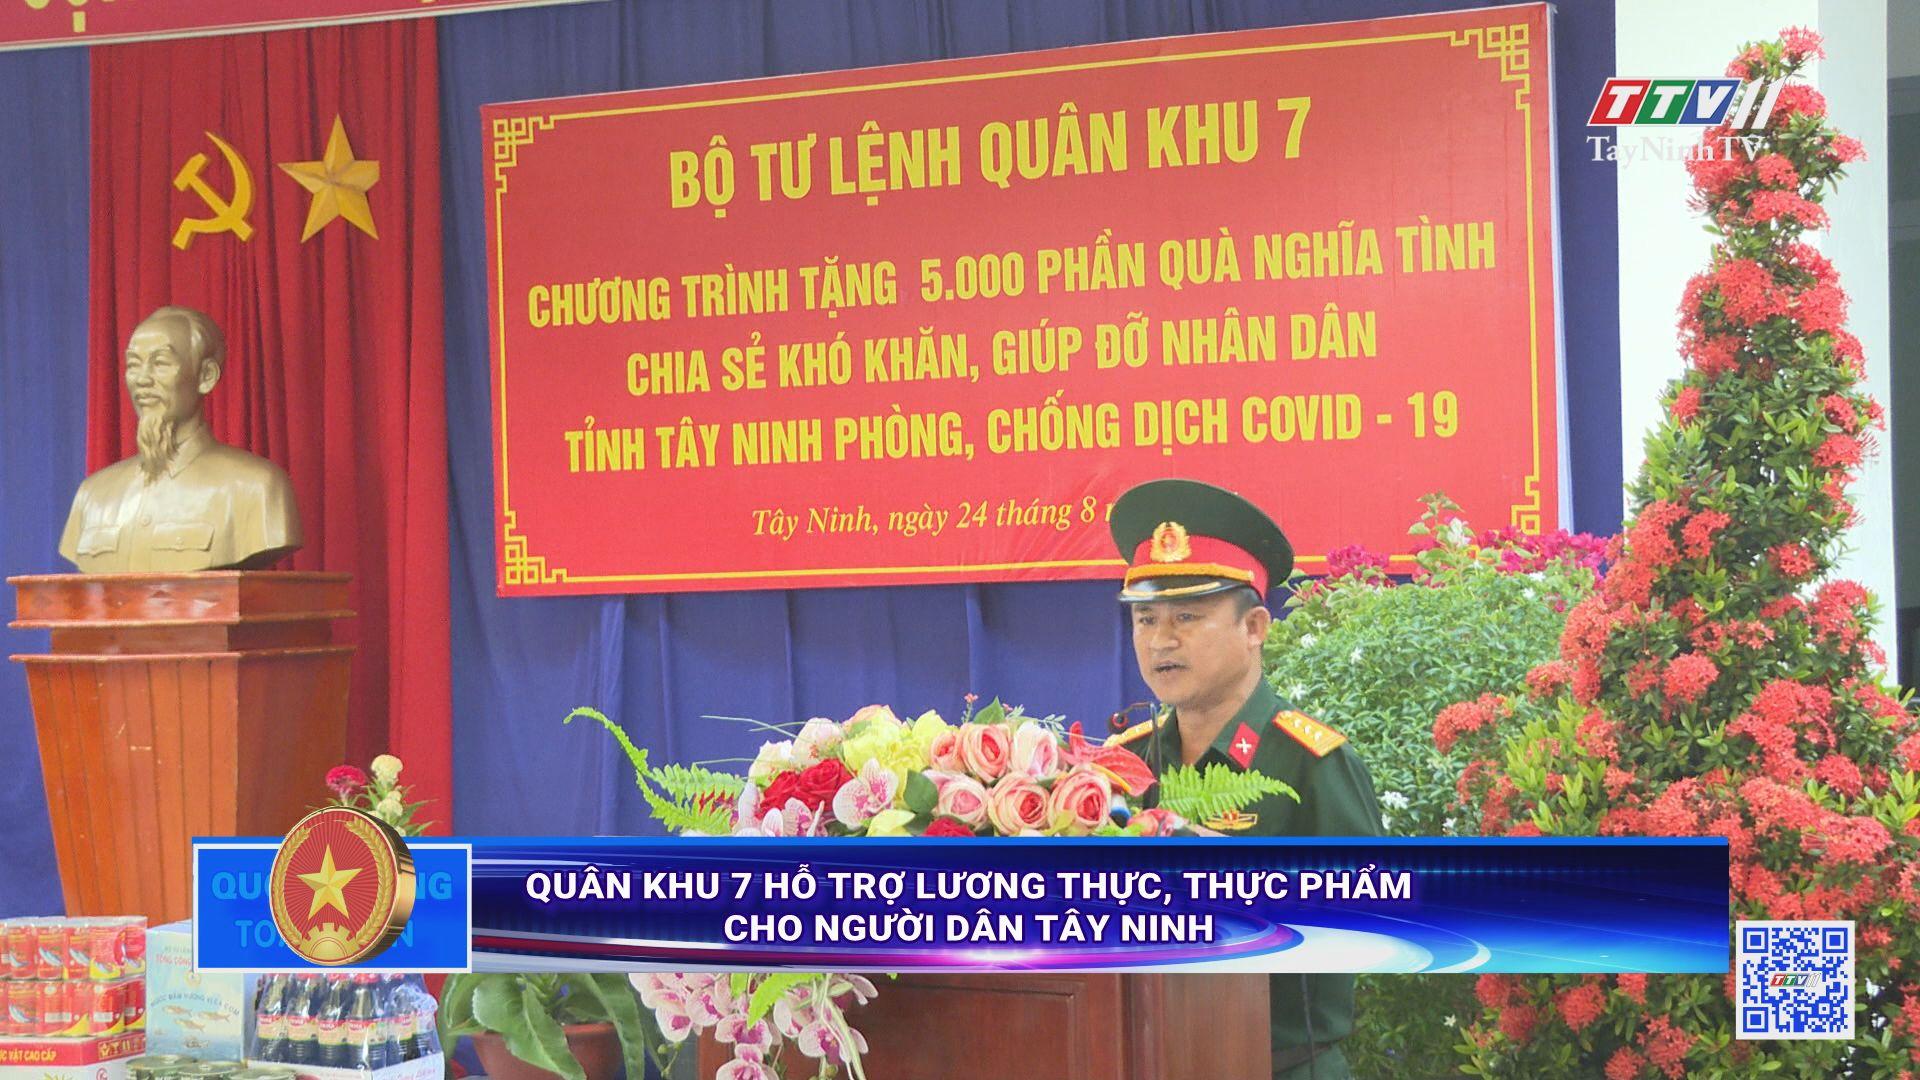 Quân khu 7 hỗ trợ lương thực, thực phẩm cho người dân Tây Ninh   QUỐC PHÒNG TOÀN DÂN   TayNinhTV